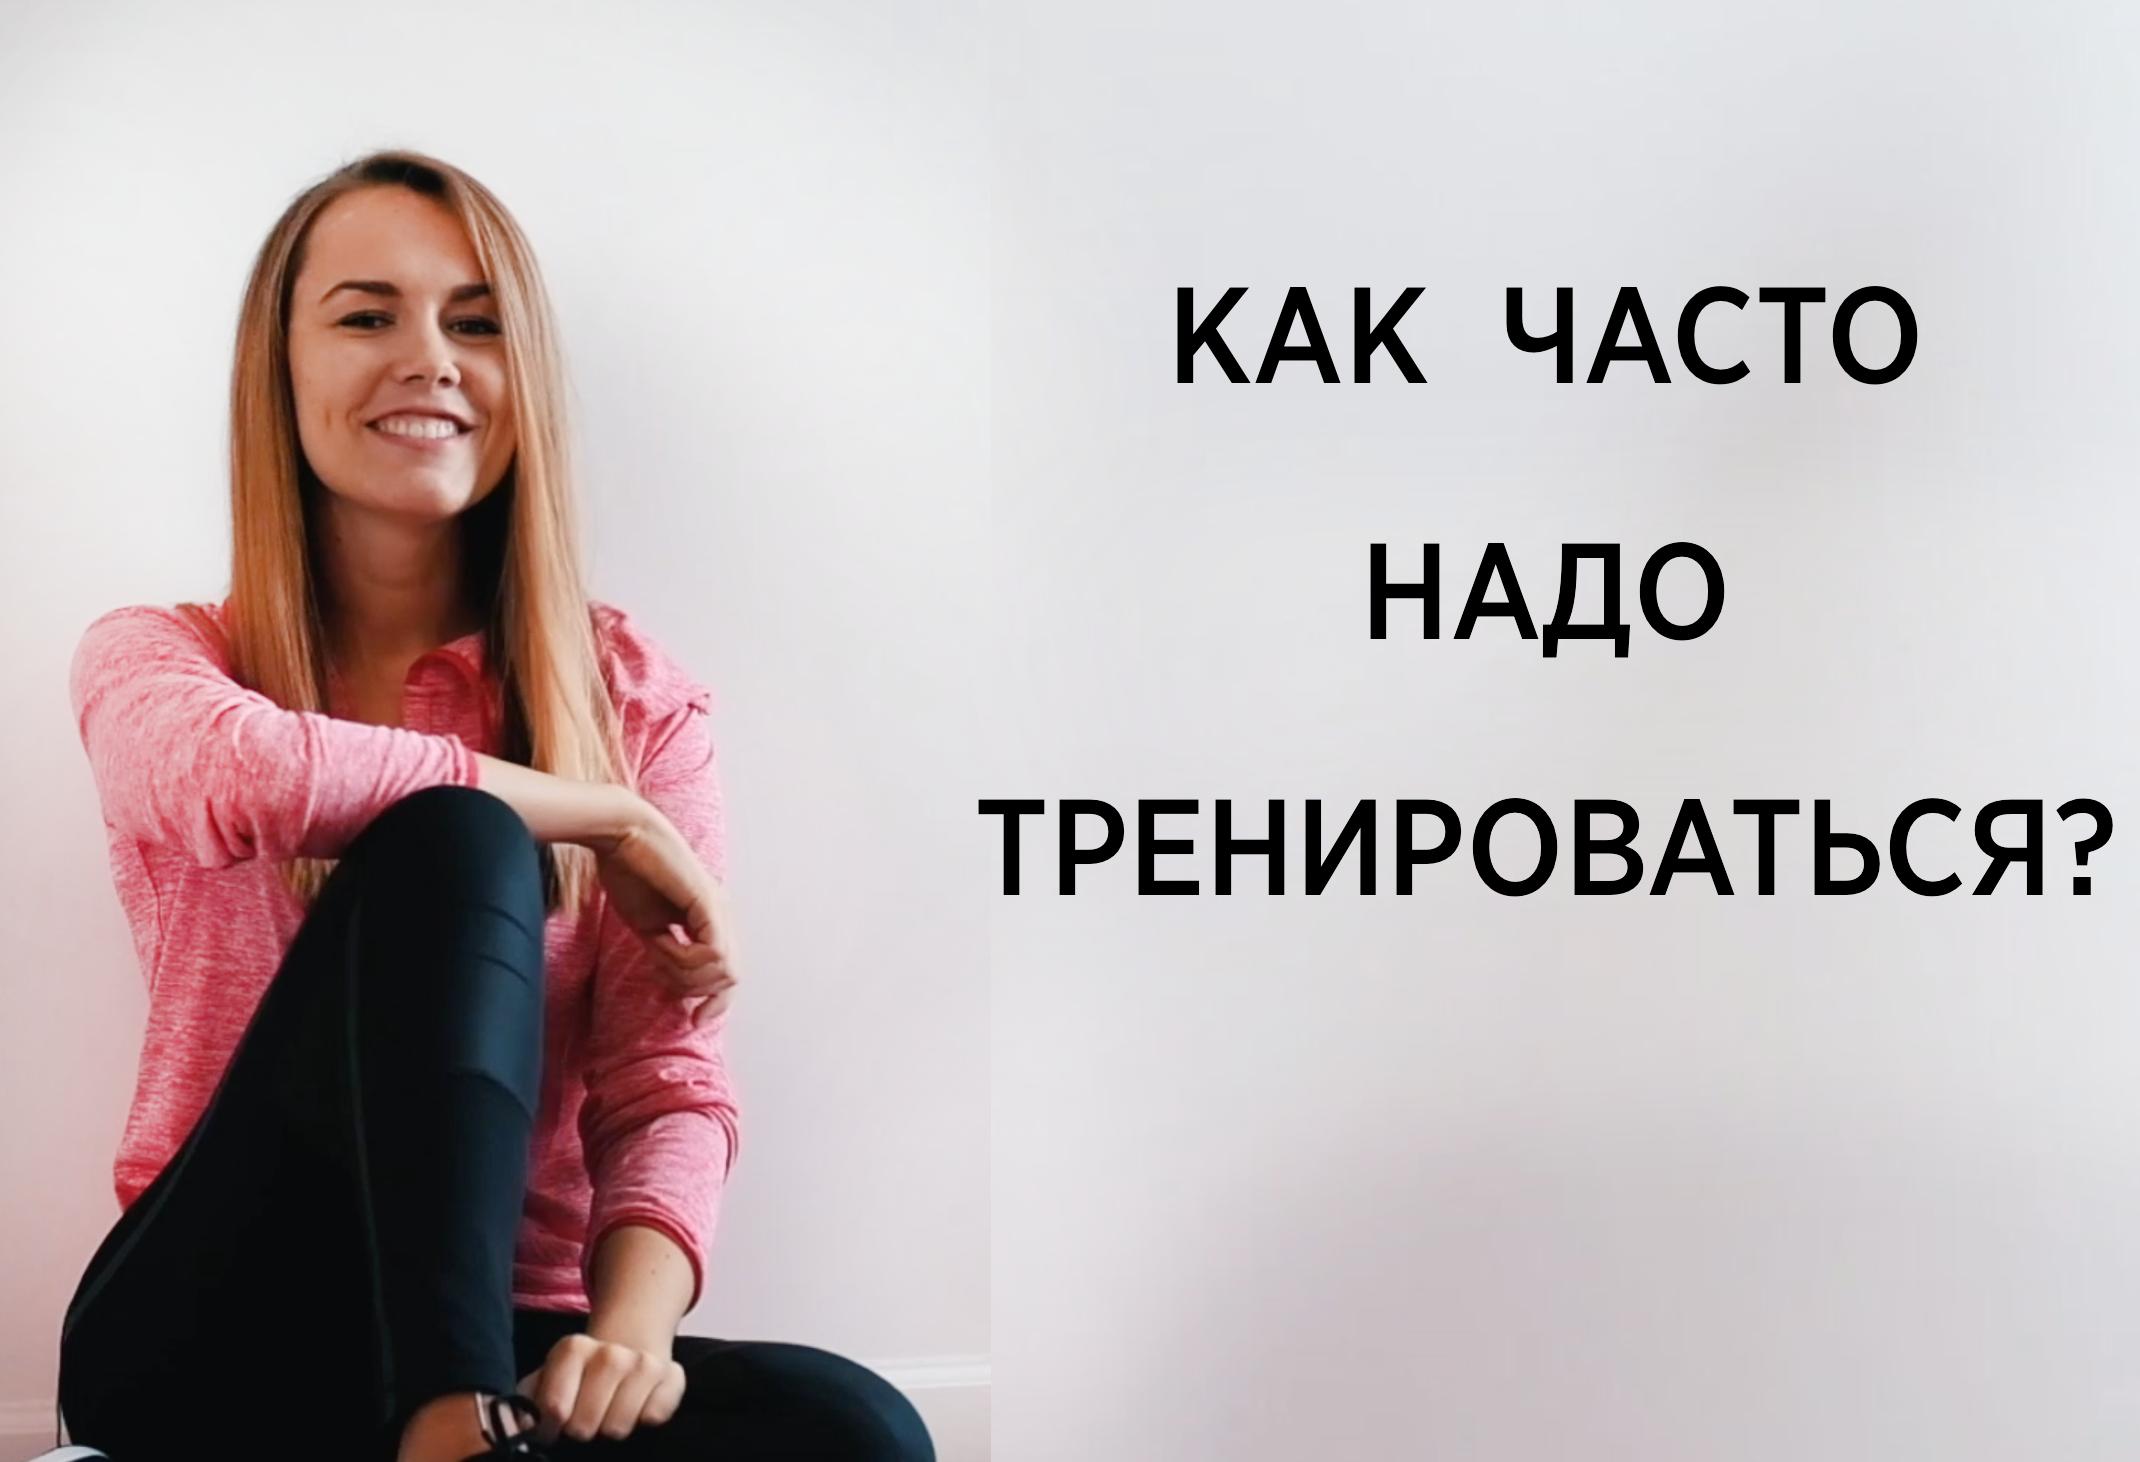 kak-chasto-trenirovatsya